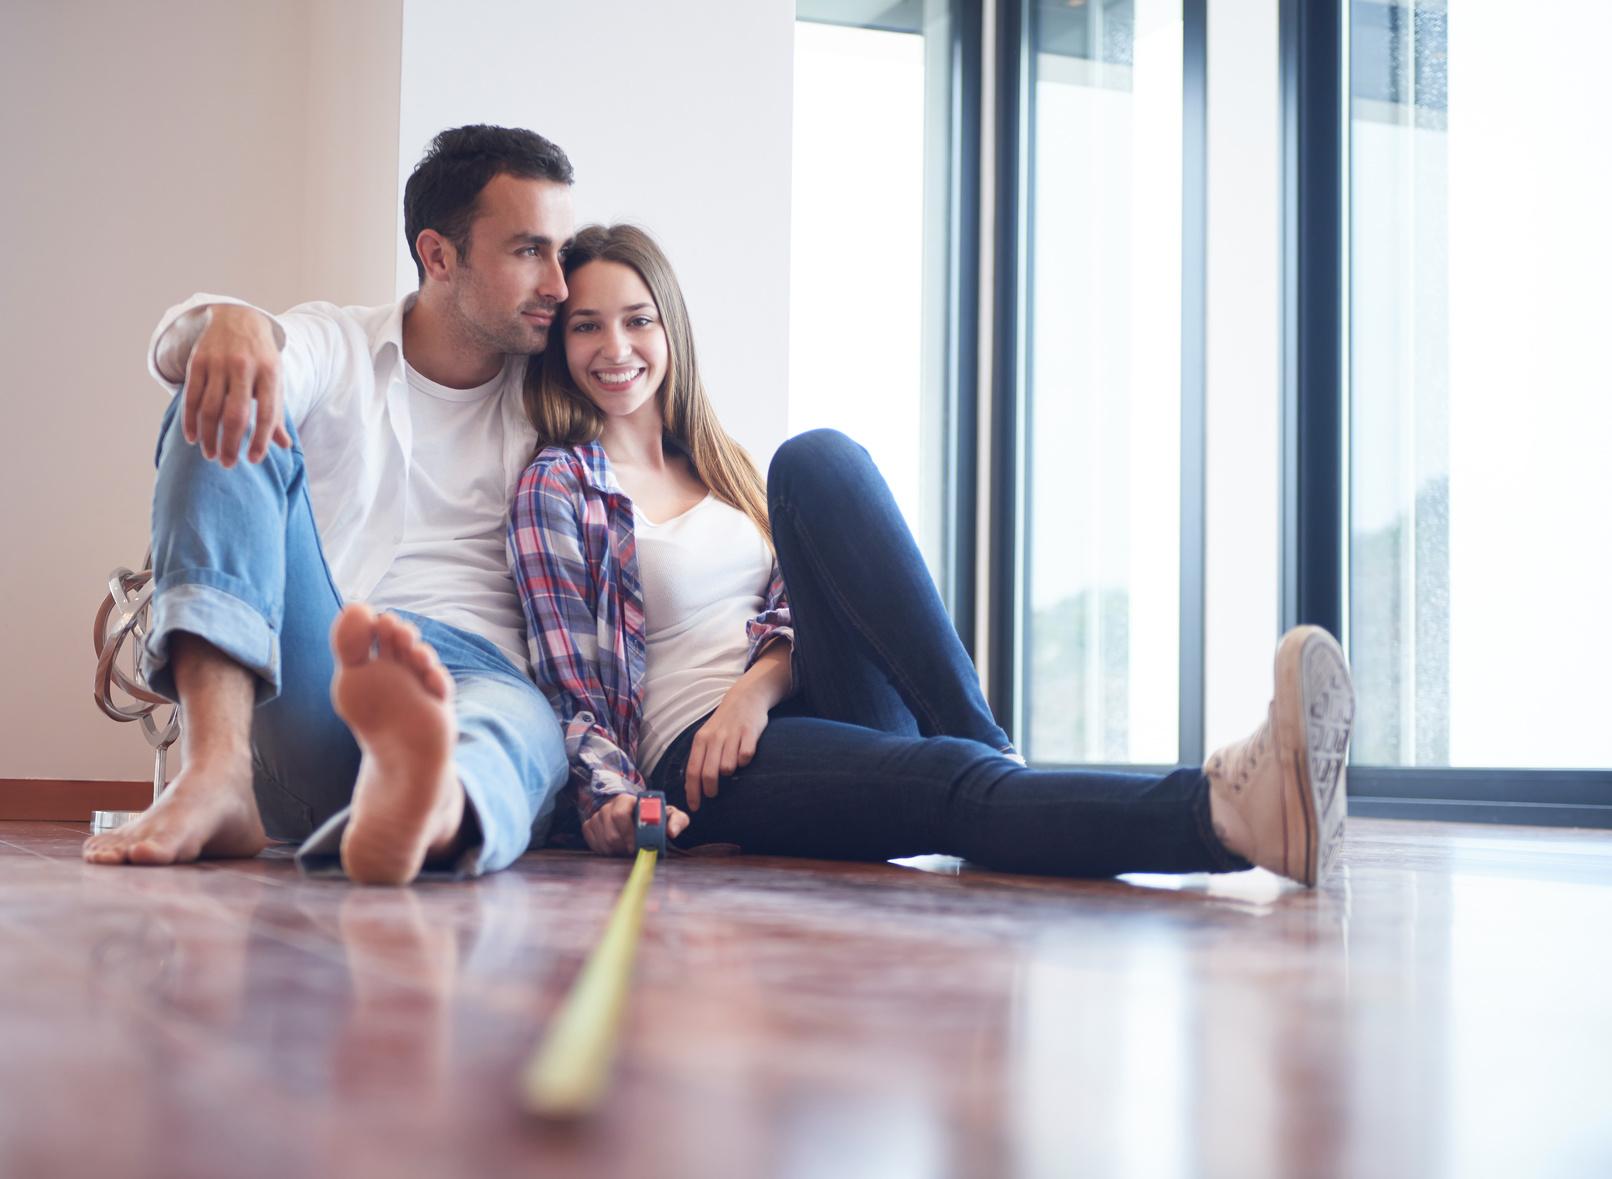 wohnung mieten oder kaufen was ist besser im haus. Black Bedroom Furniture Sets. Home Design Ideas